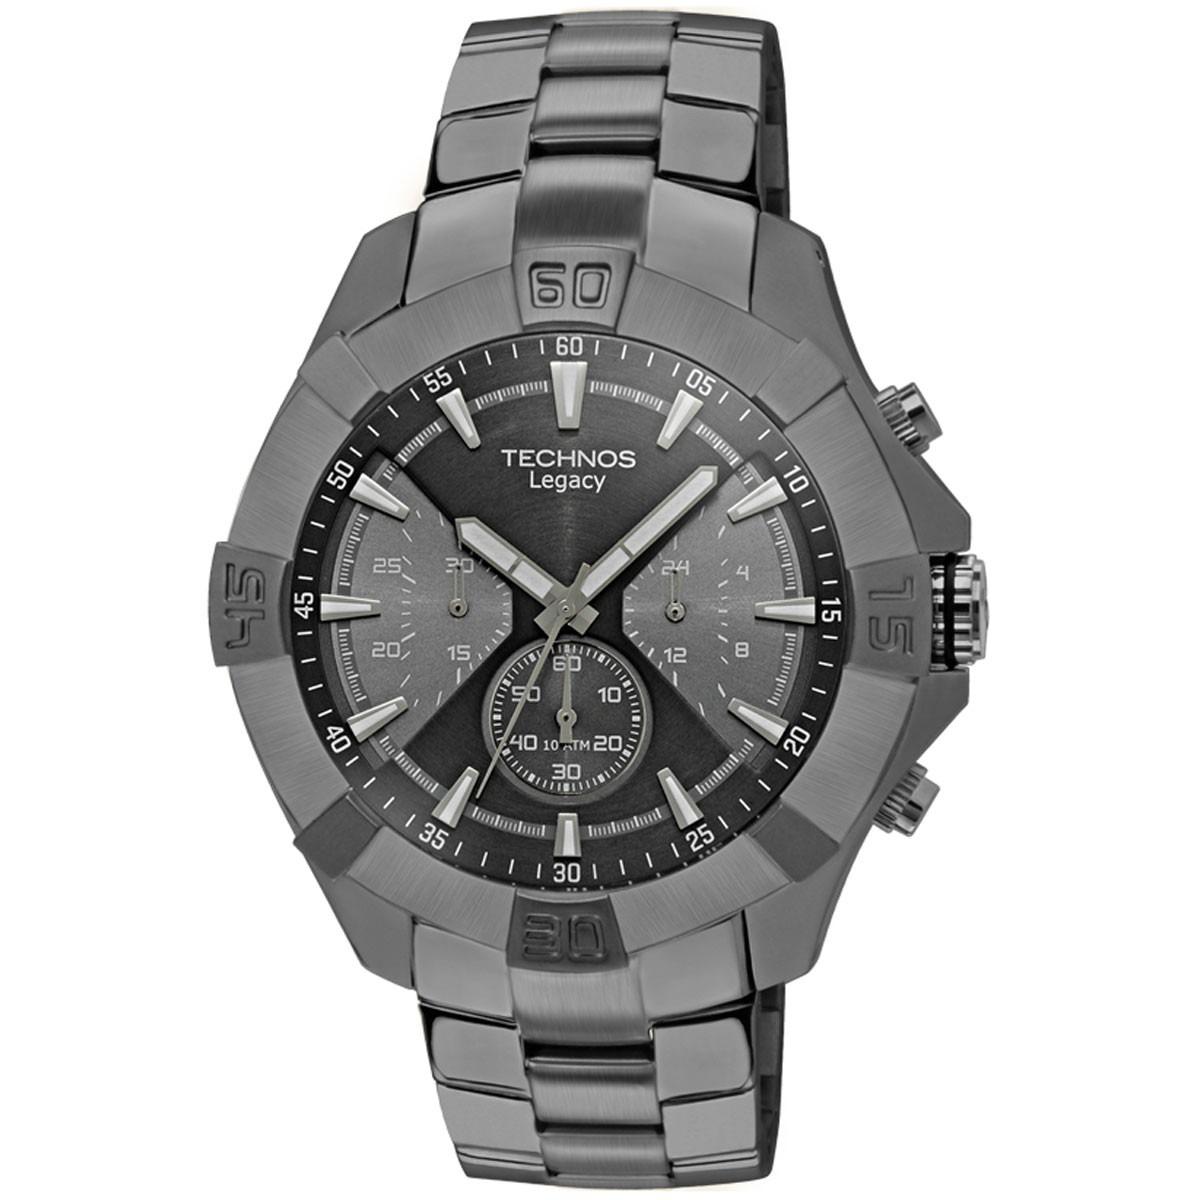 ca9d65a6ce1a6 relógio technos masculino legacy js20af 1c preto oferta. Carregando zoom.